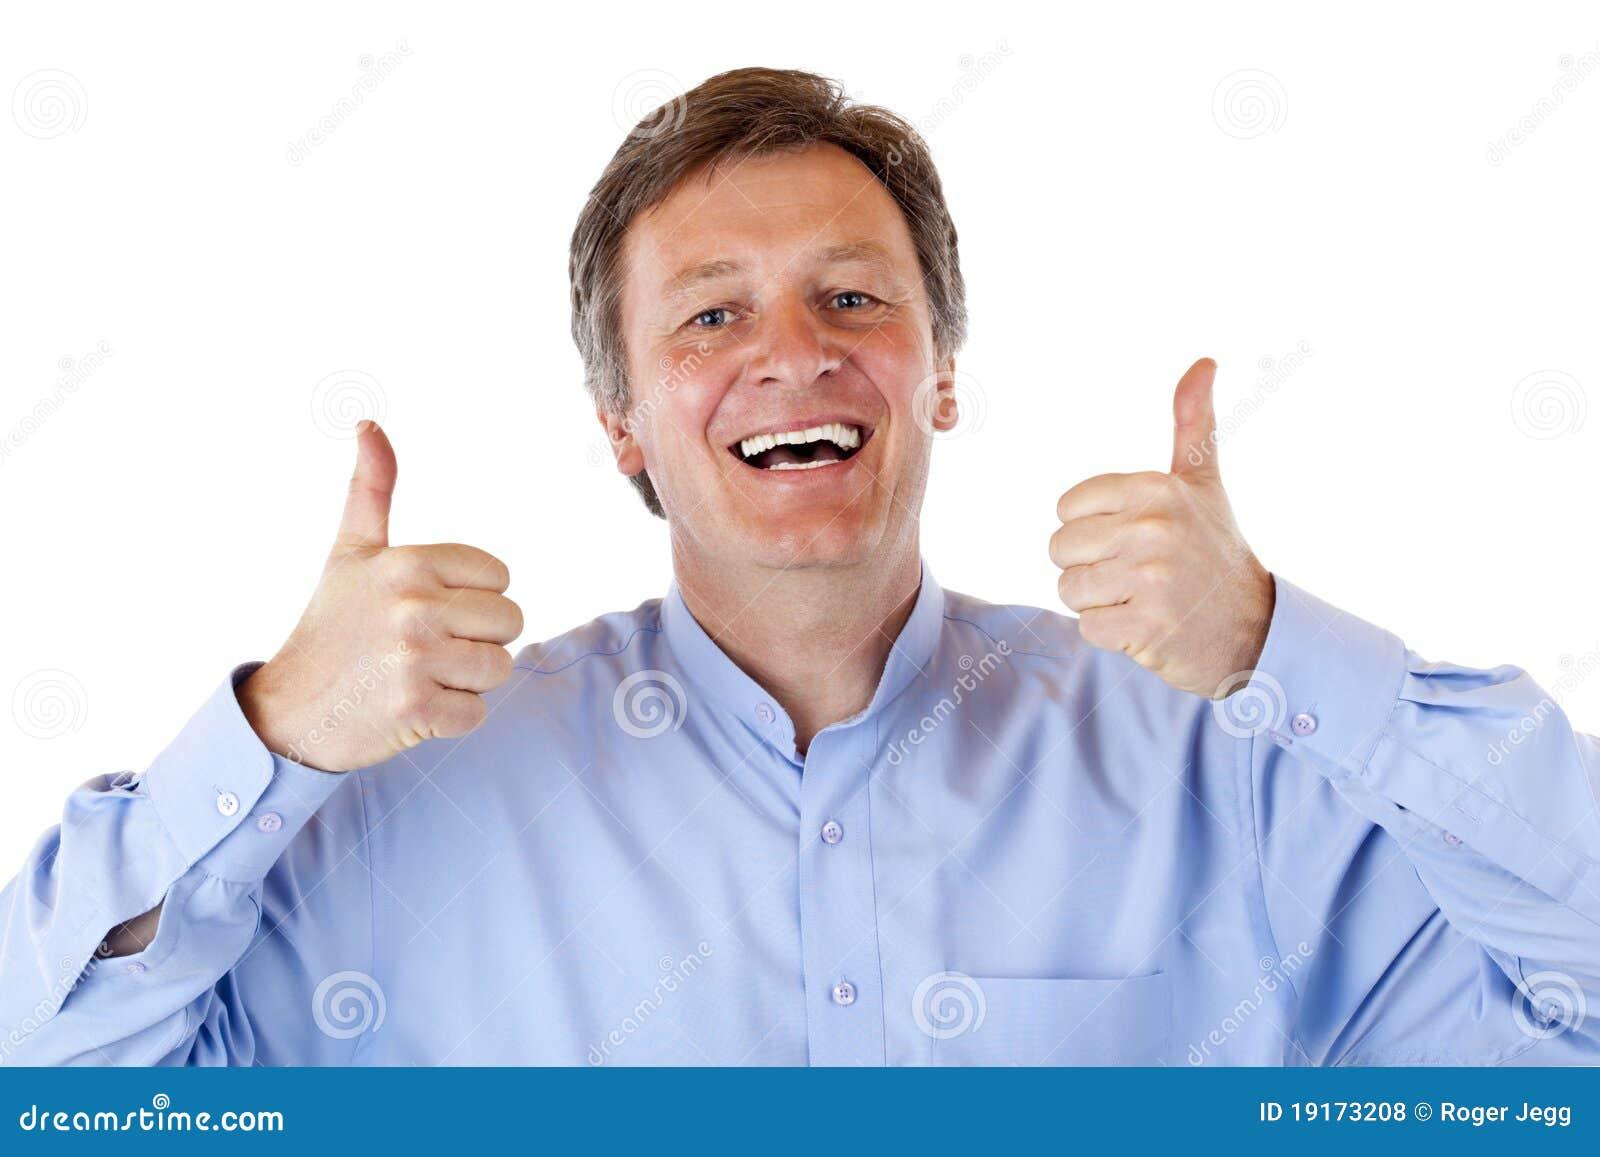 o-homem-sênior-idoso-feliz-sorrindo-mostra-ambos-os-polegares-acima-19173208.jpg